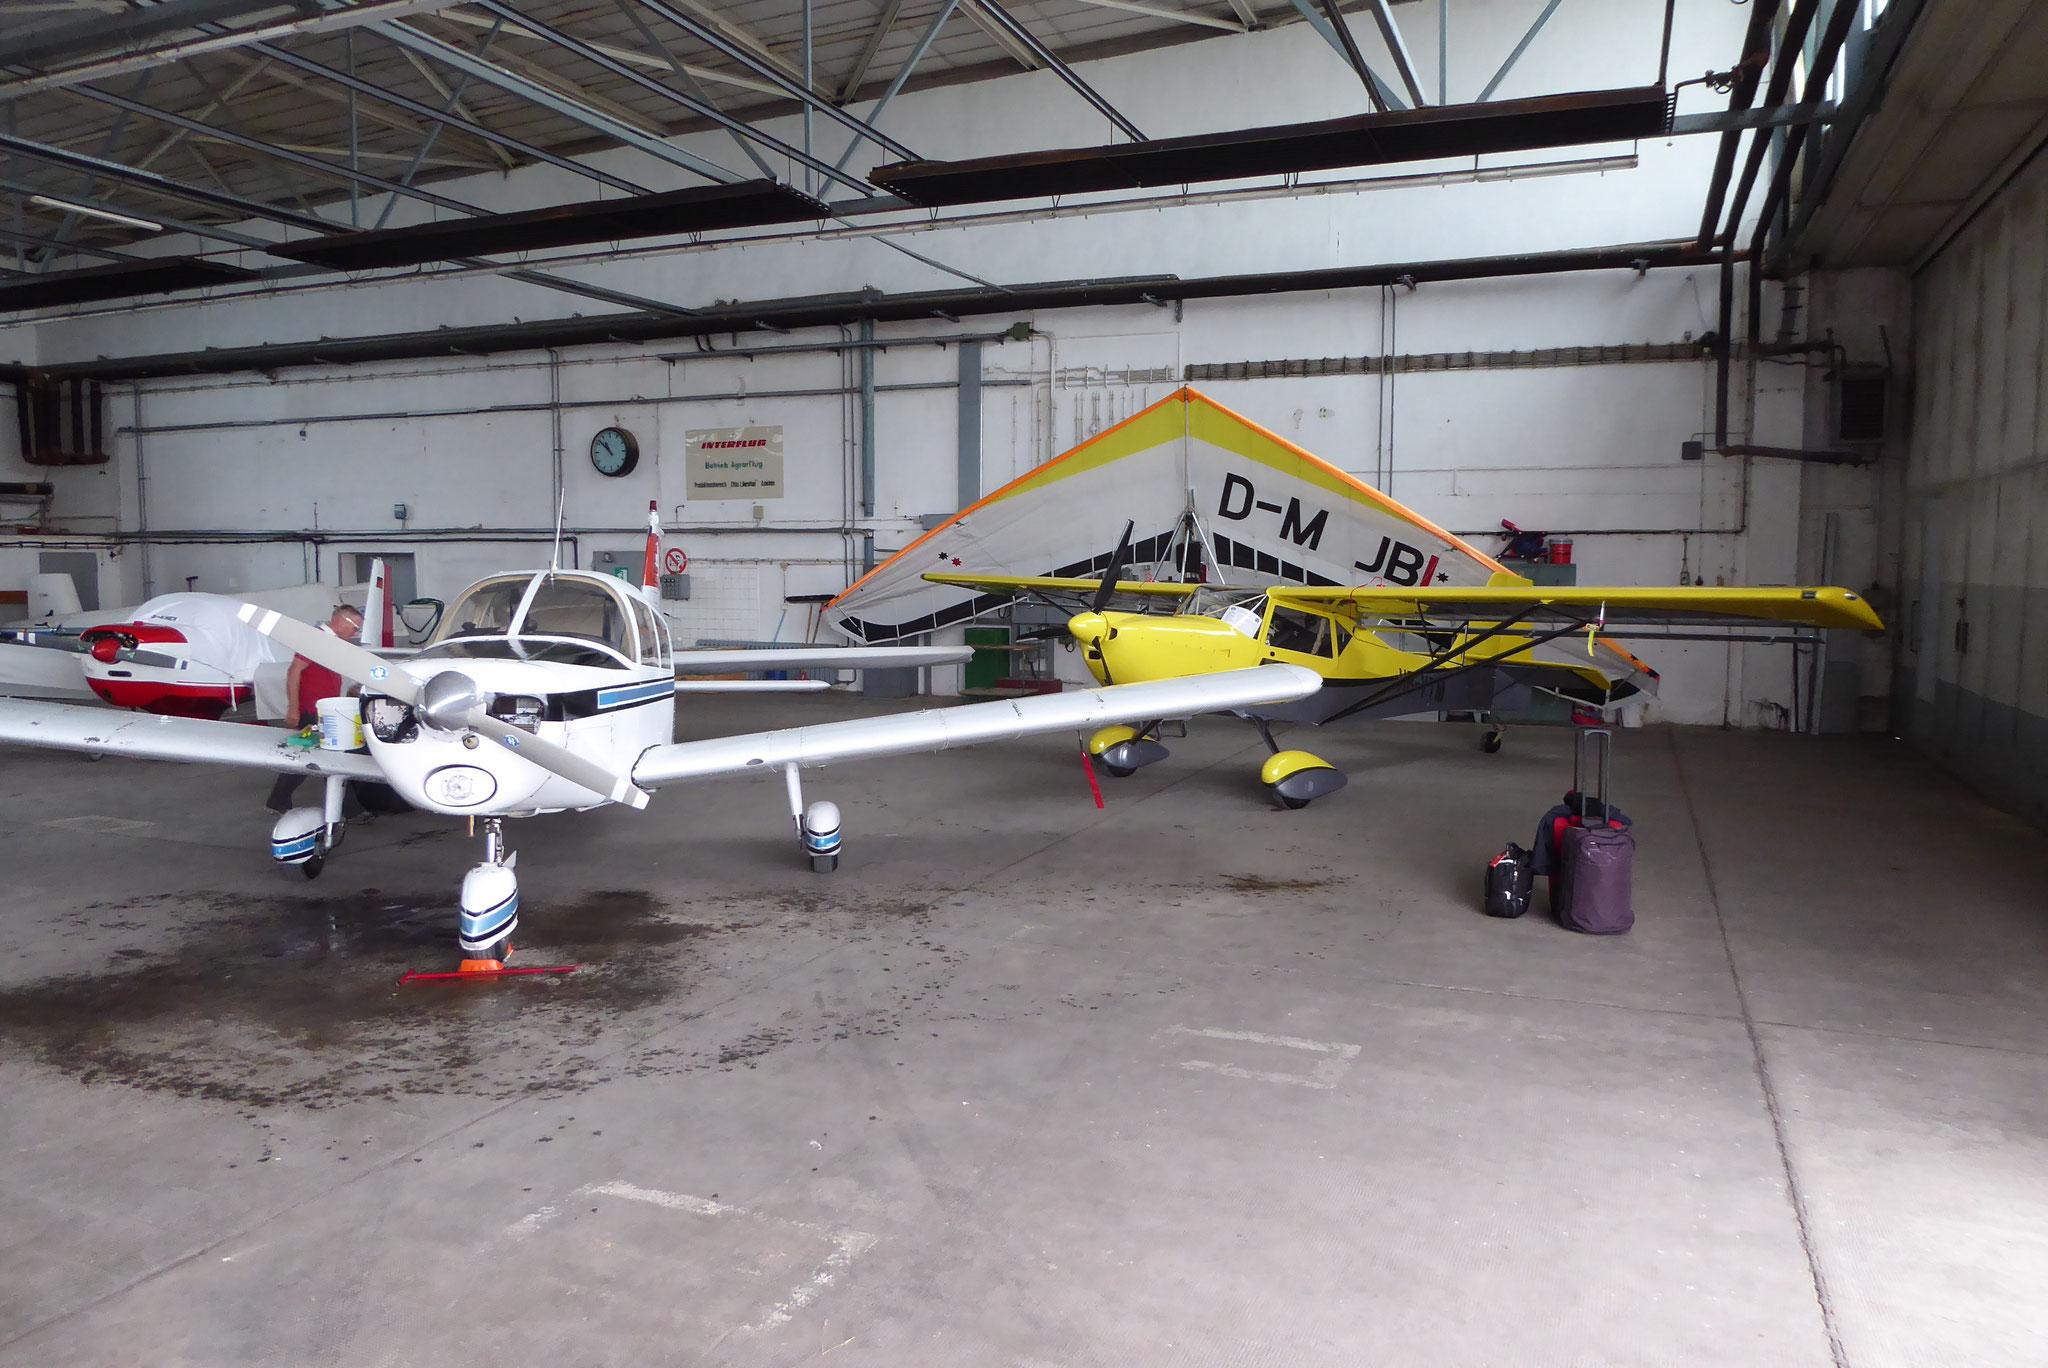 Grosser Hangar für kleine Flieger